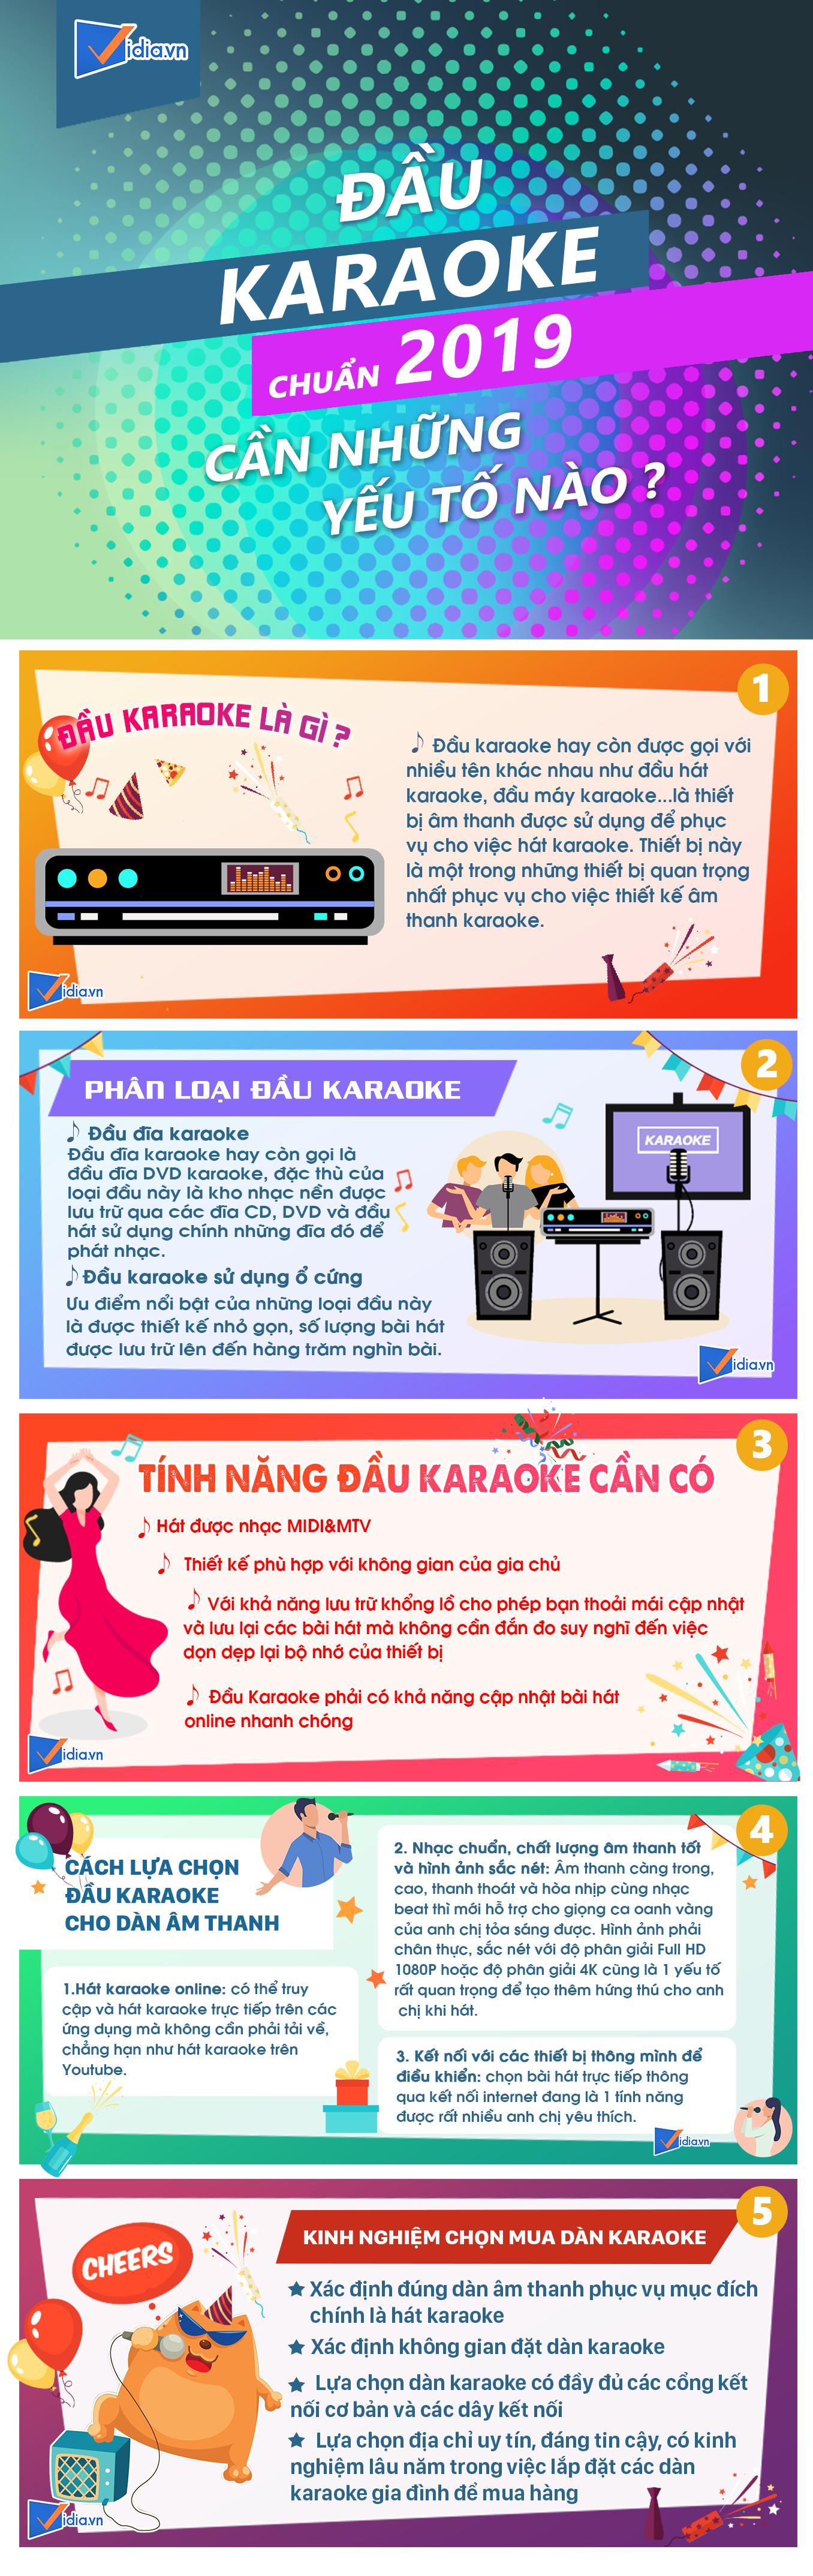 dau-karaoke-chuan-hay